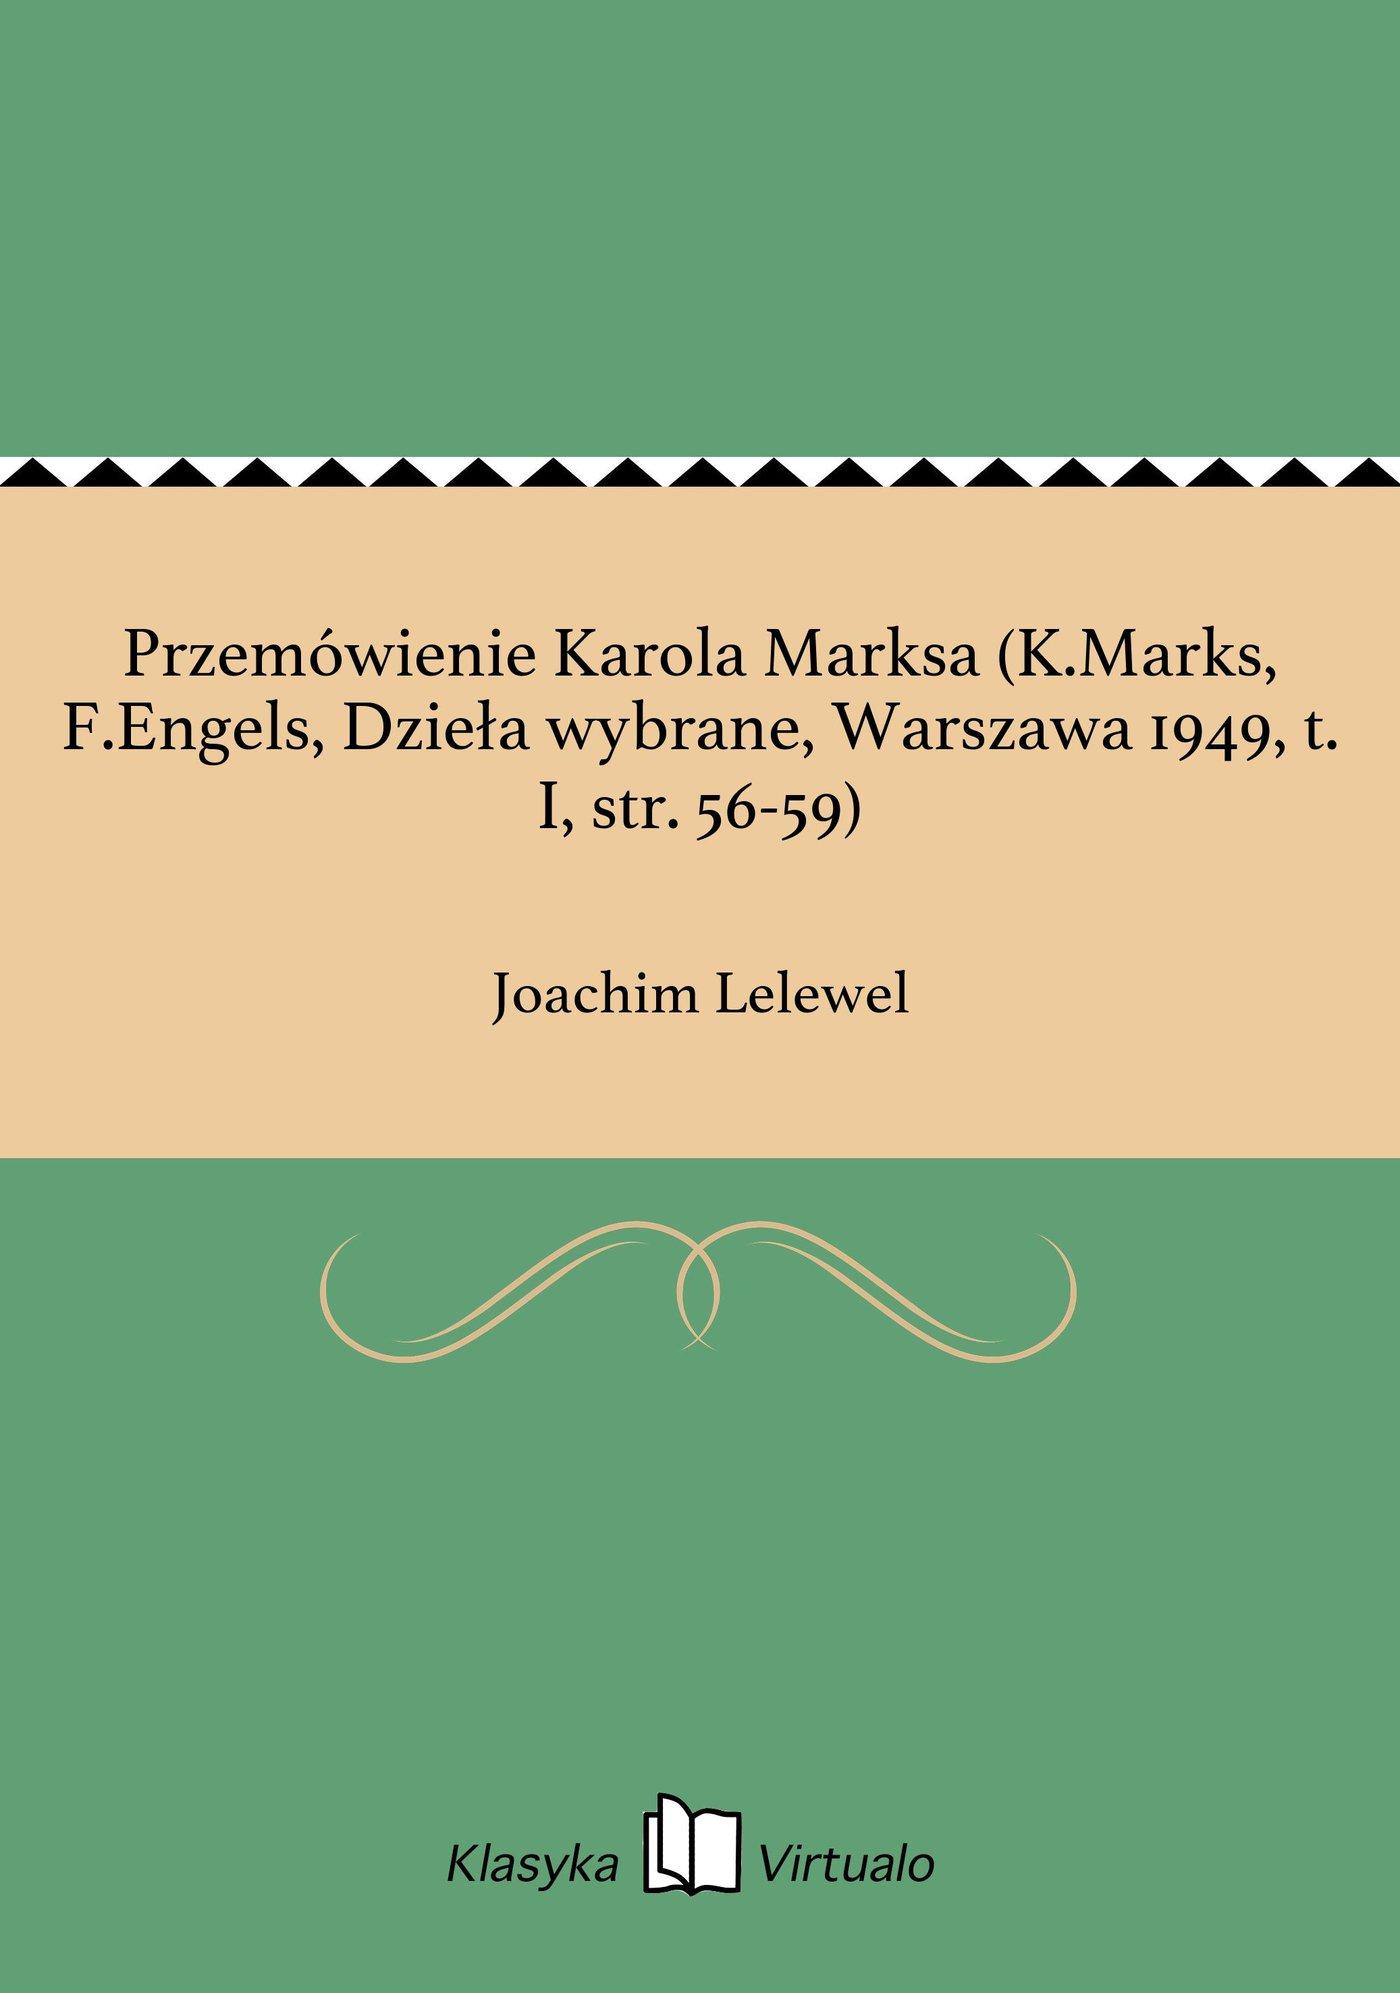 Przemówienie Karola Marksa (K.Marks, F.Engels, Dzieła wybrane, Warszawa 1949, t. I, str. 56-59) - Ebook (Książka EPUB) do pobrania w formacie EPUB